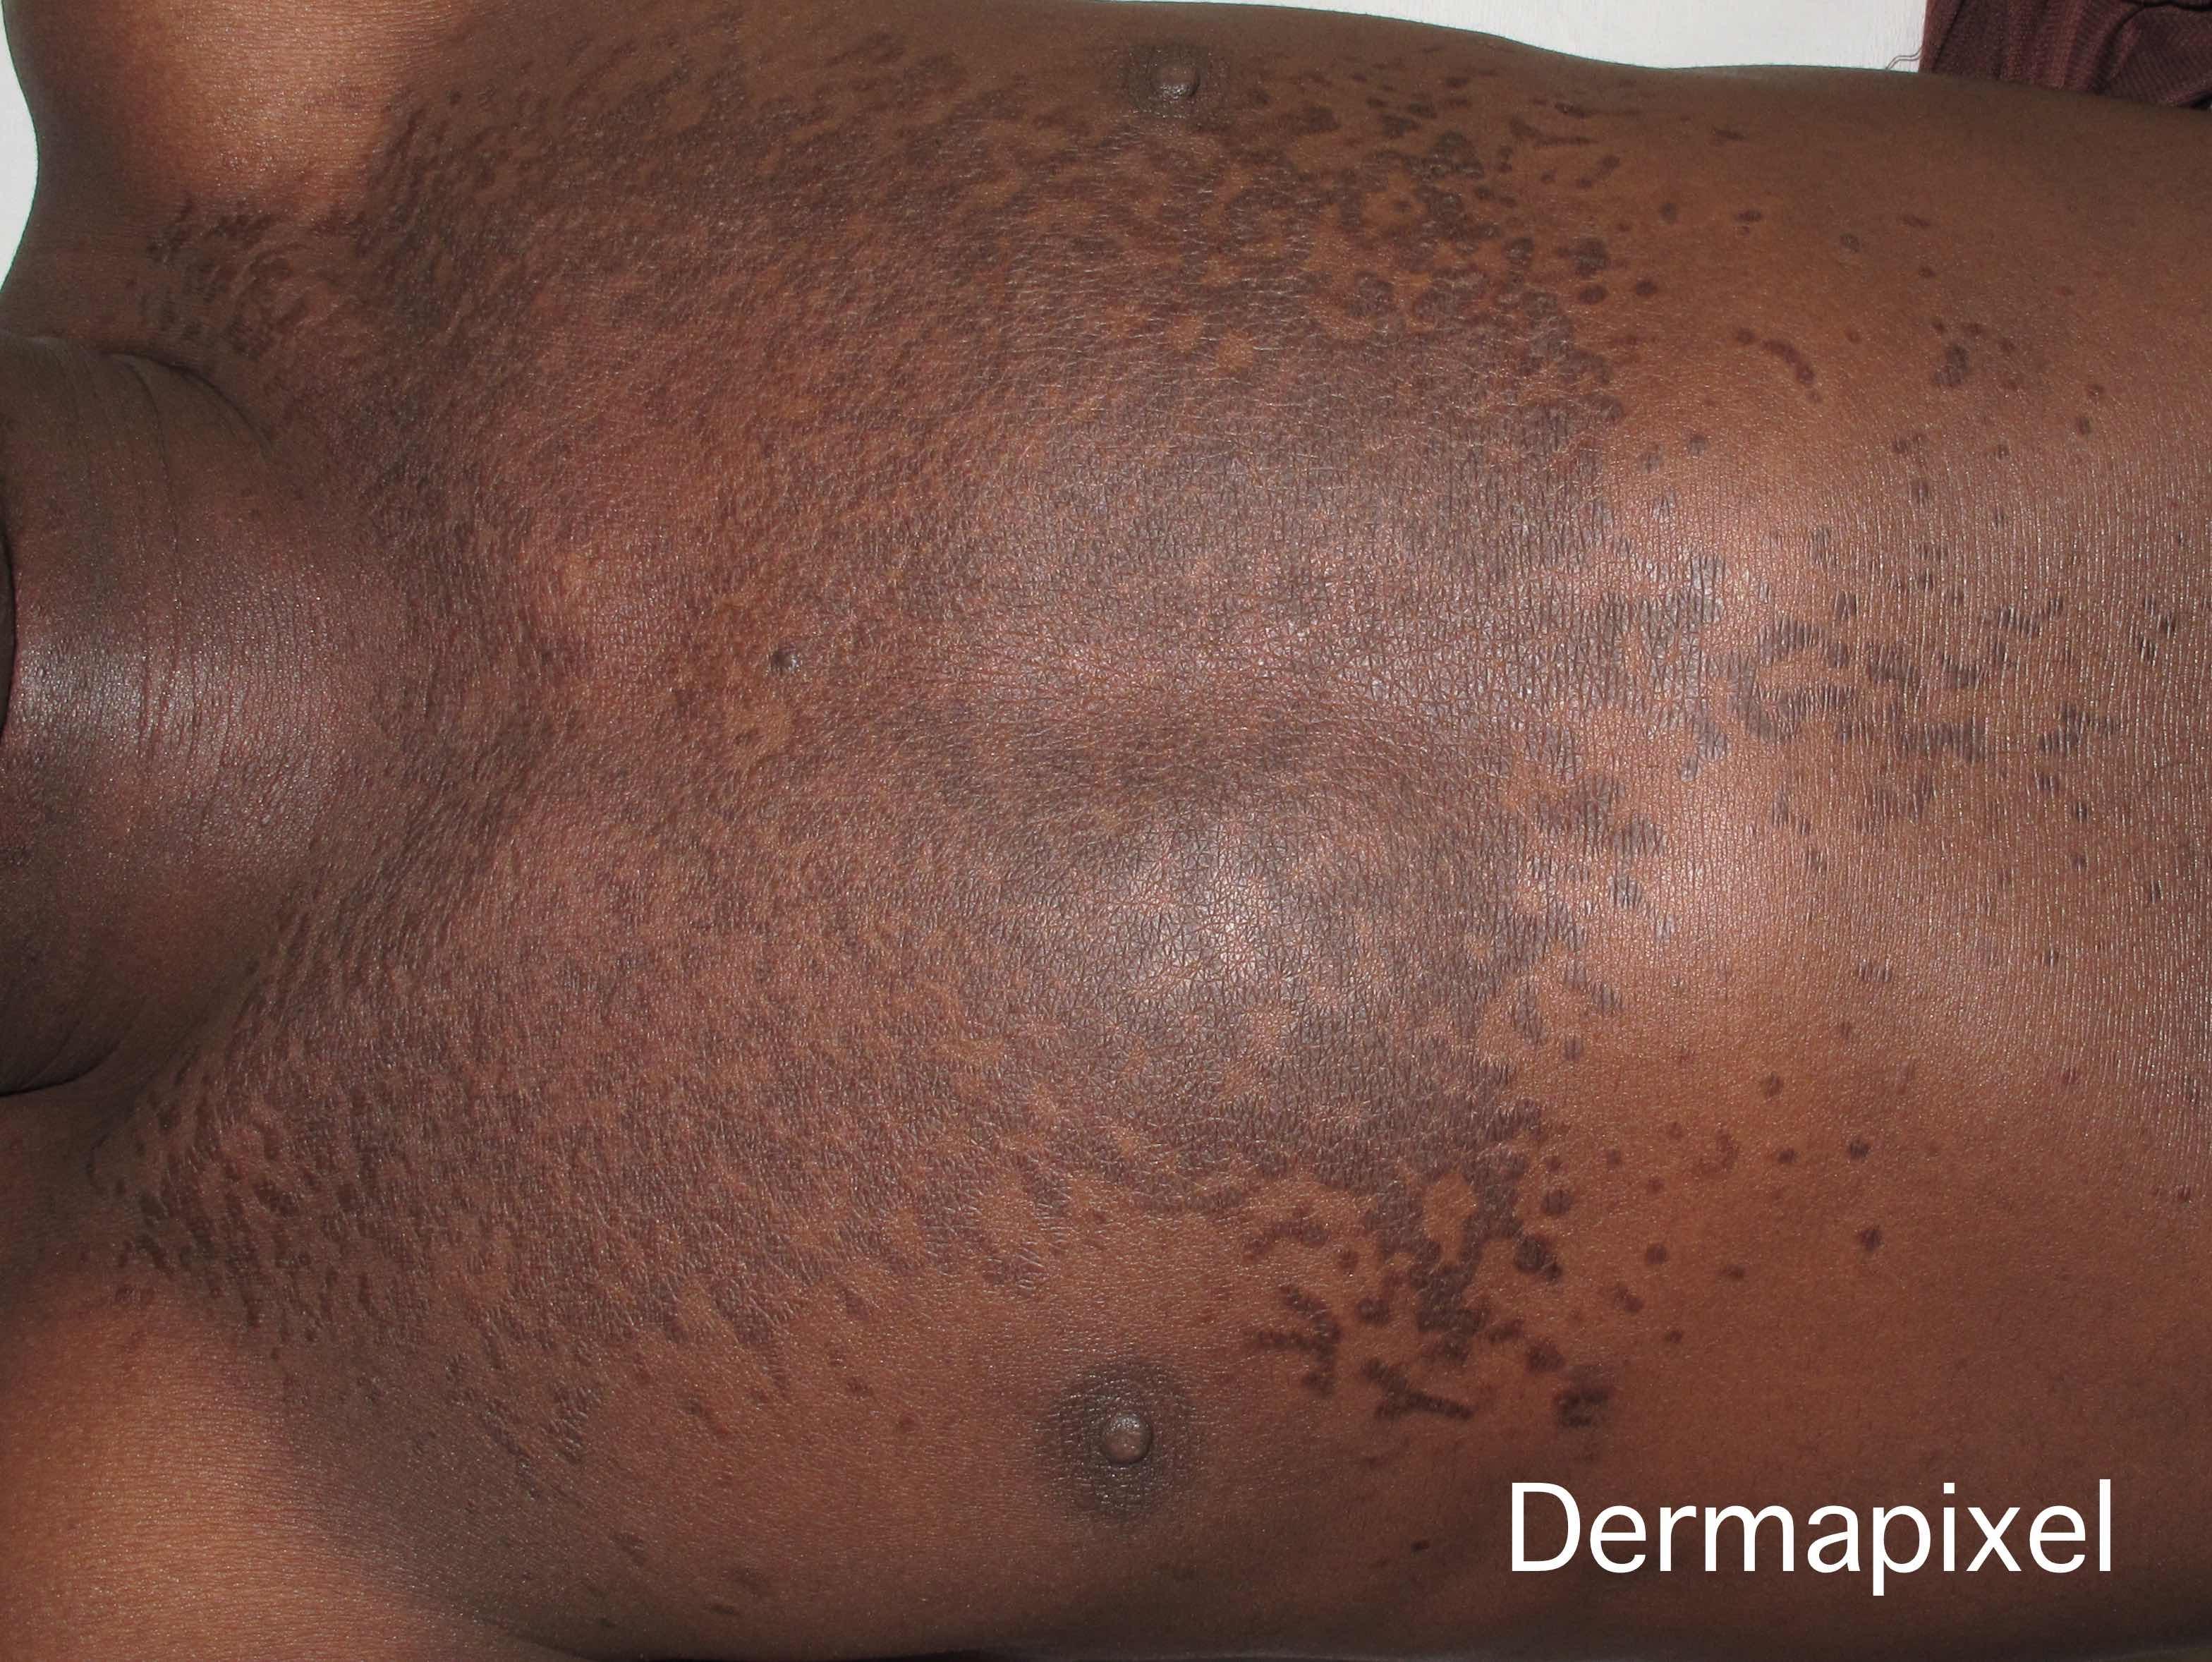 papilomatosis de piel)